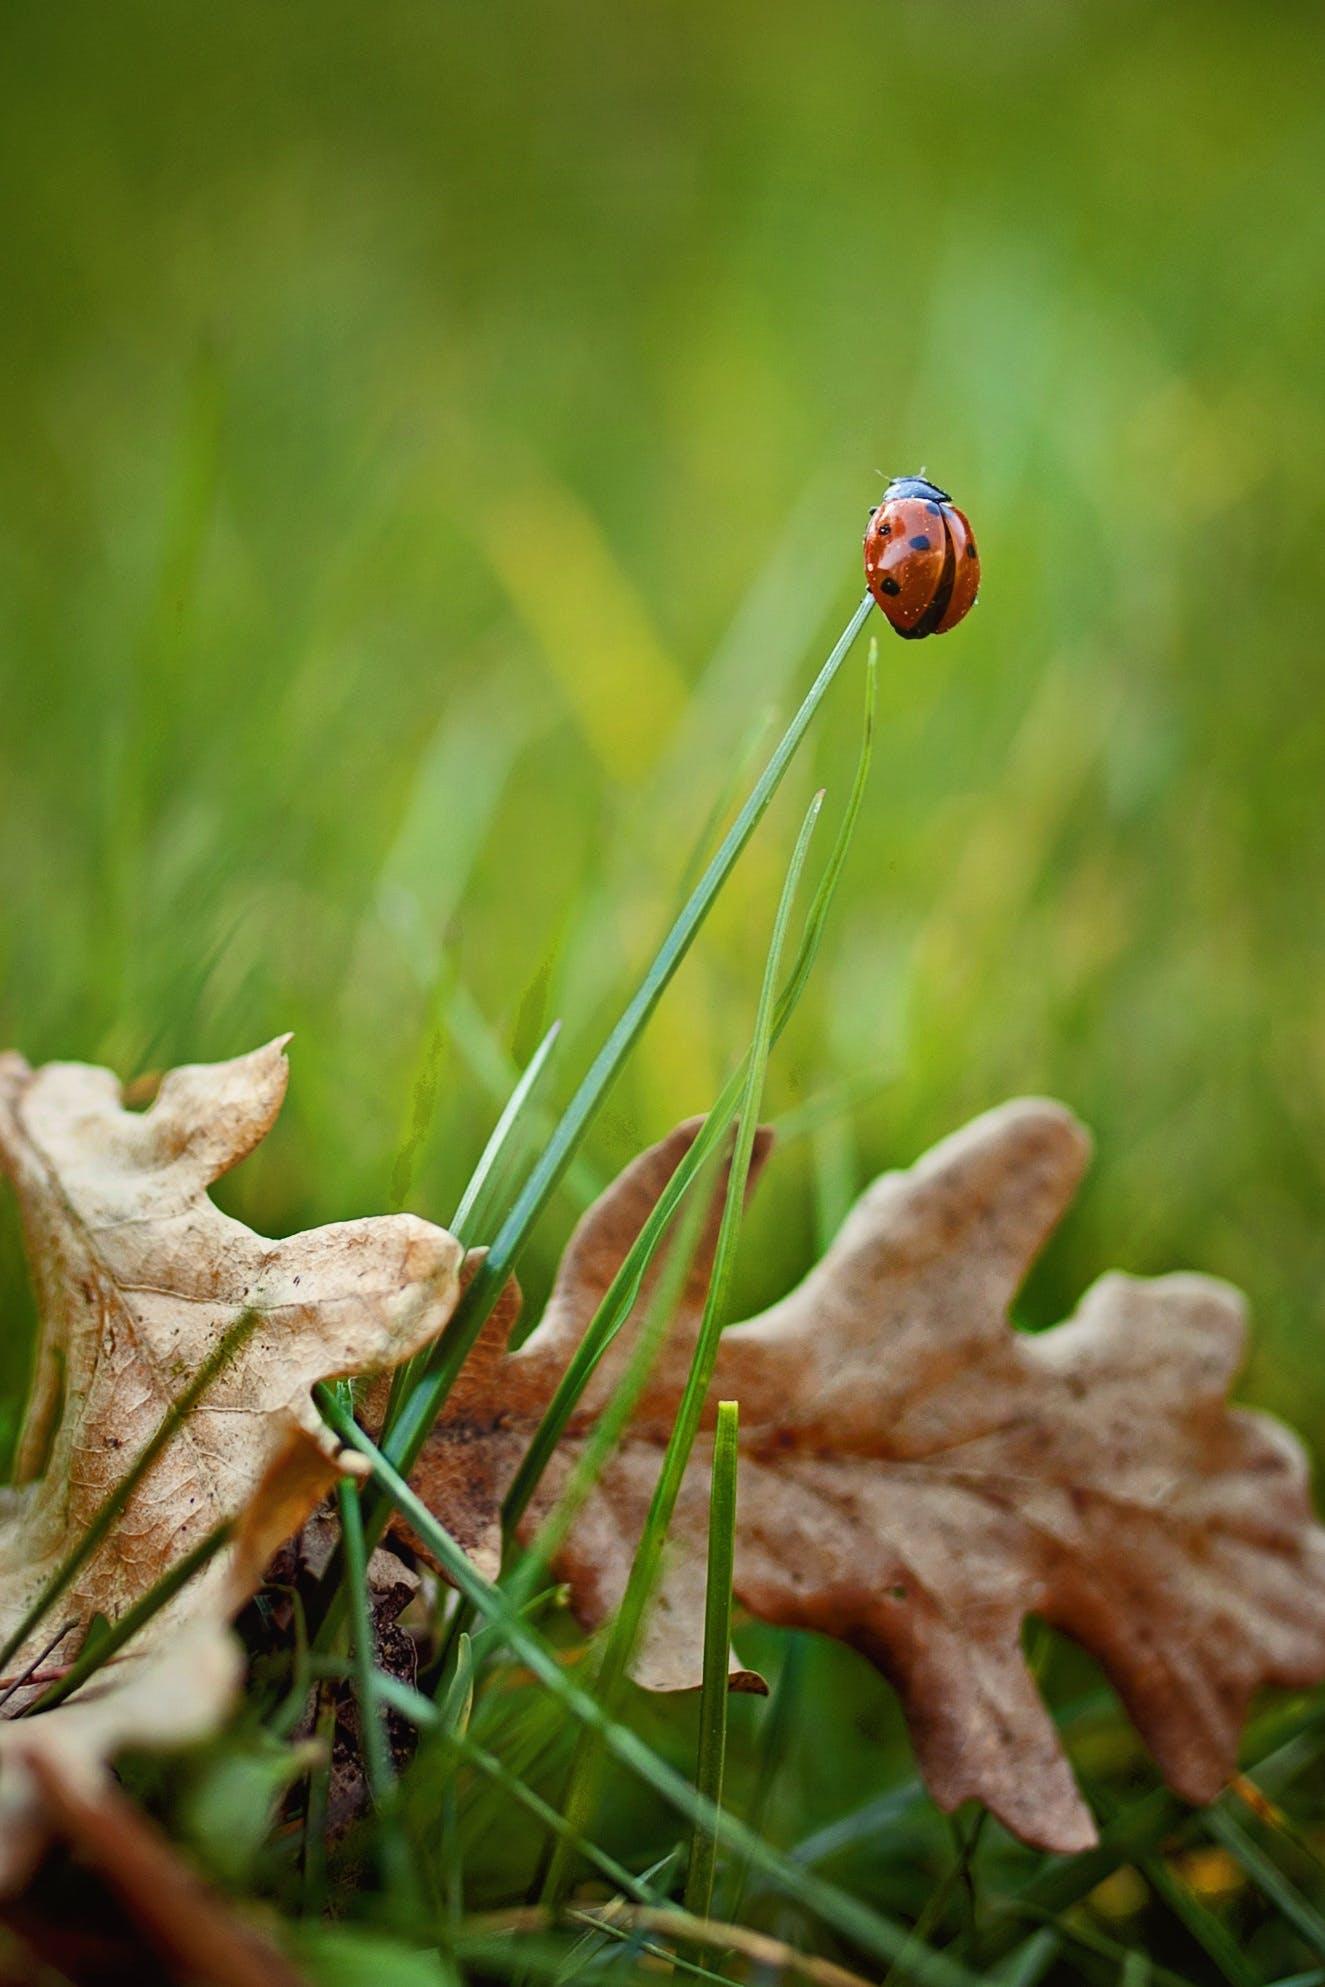 Gratis lagerfoto af close-up, farverig, græs, grøn